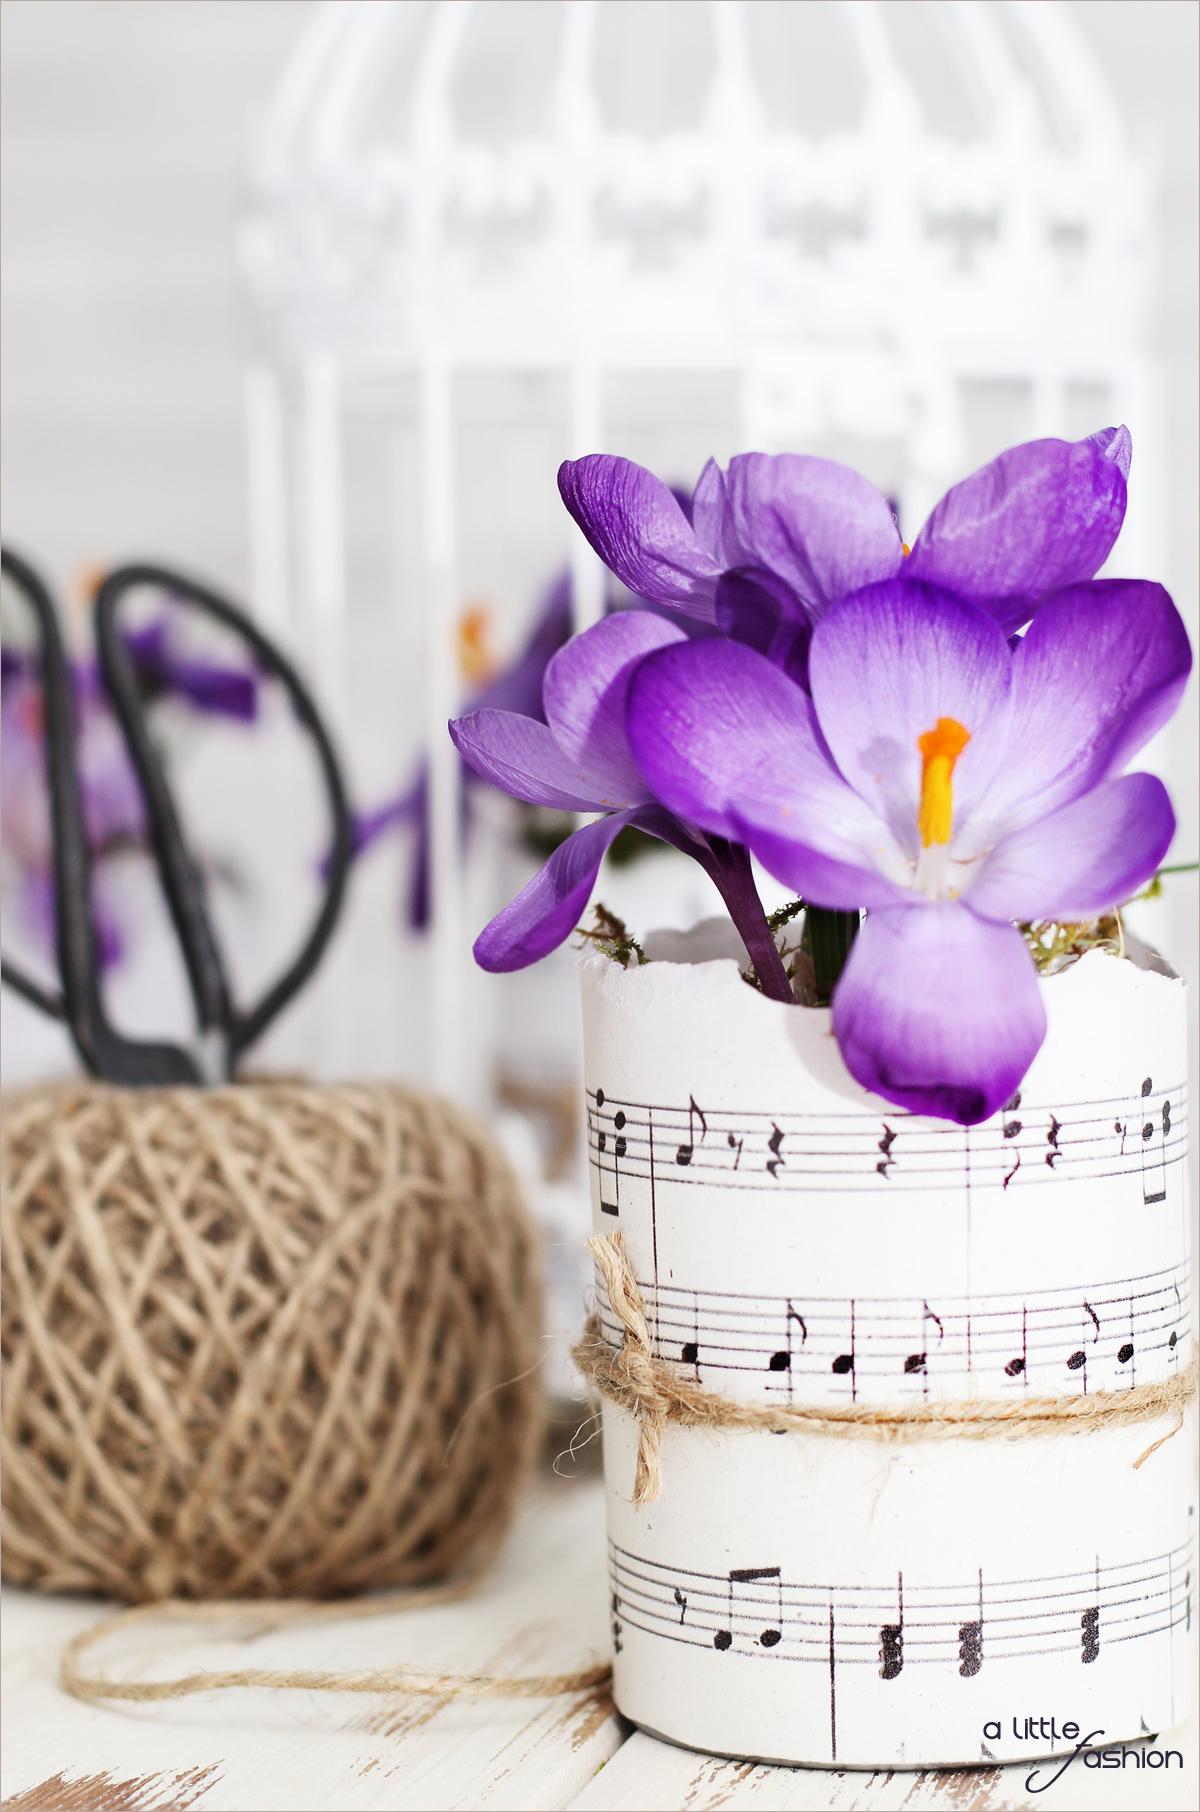 Blumentöpfe aus Dosen und Notenblättern | A Little Fashion | www.a-little-fashion.com/diy/blumentoepfe-aus-dosen-papier